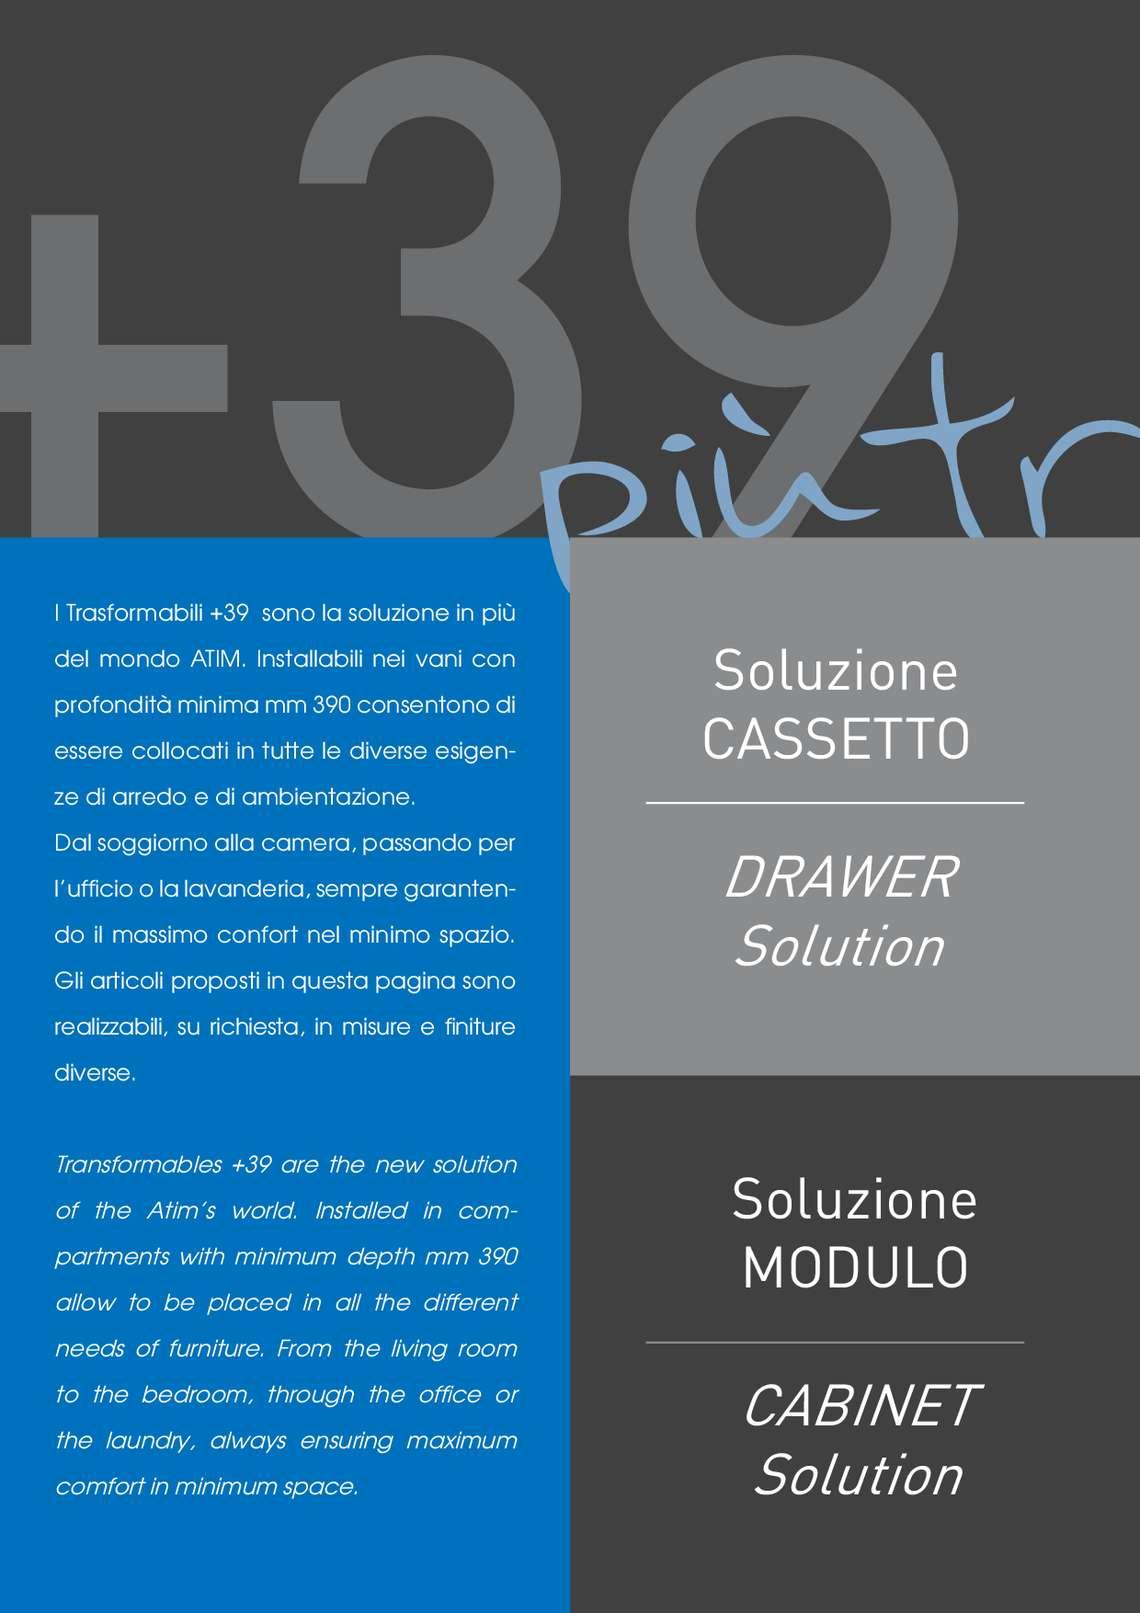 catalogo-trasformabili-atim_22_059.jpg